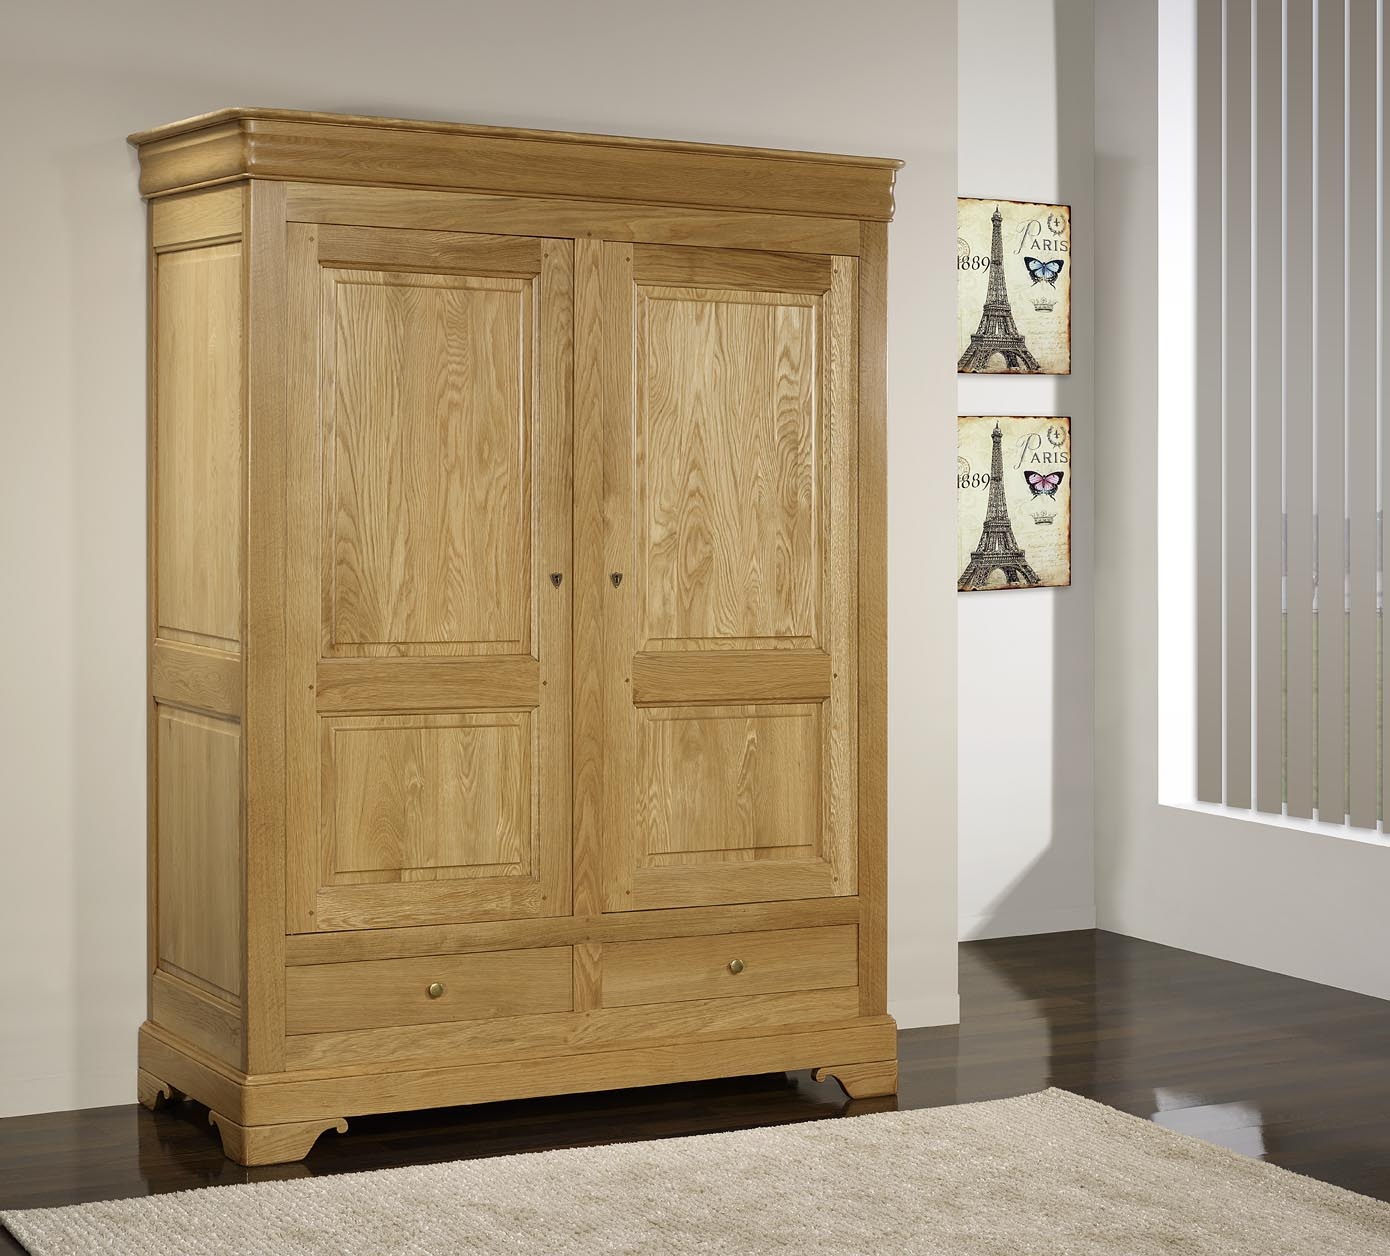 Armoire 2 portes 2 tiroirs en ch ne massif de style louis - Armoire ancienne 2 portes ...